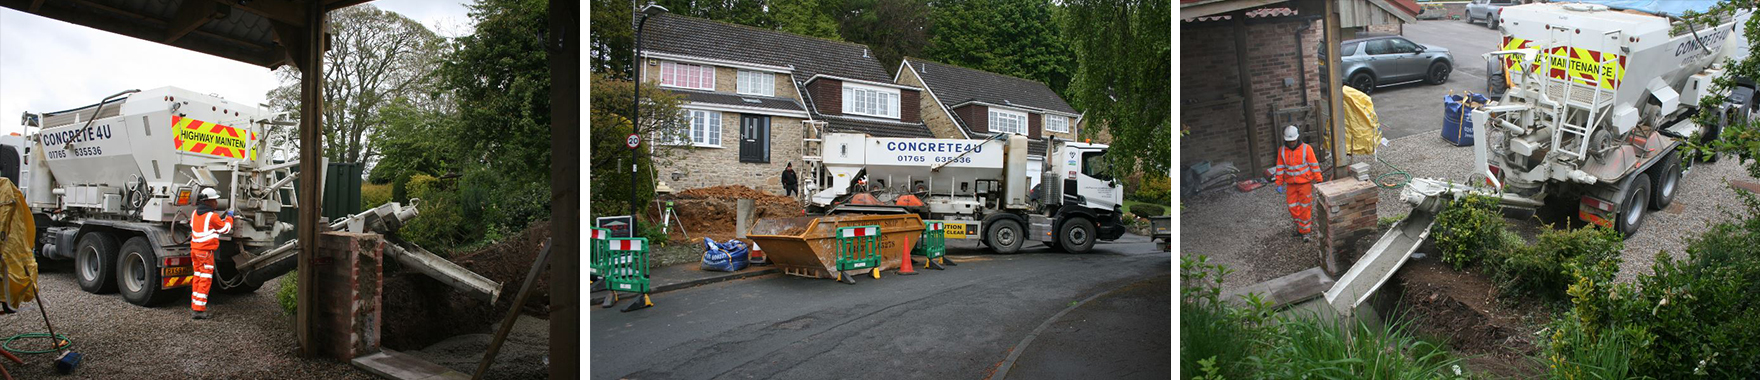 Concrete4u Banner 12